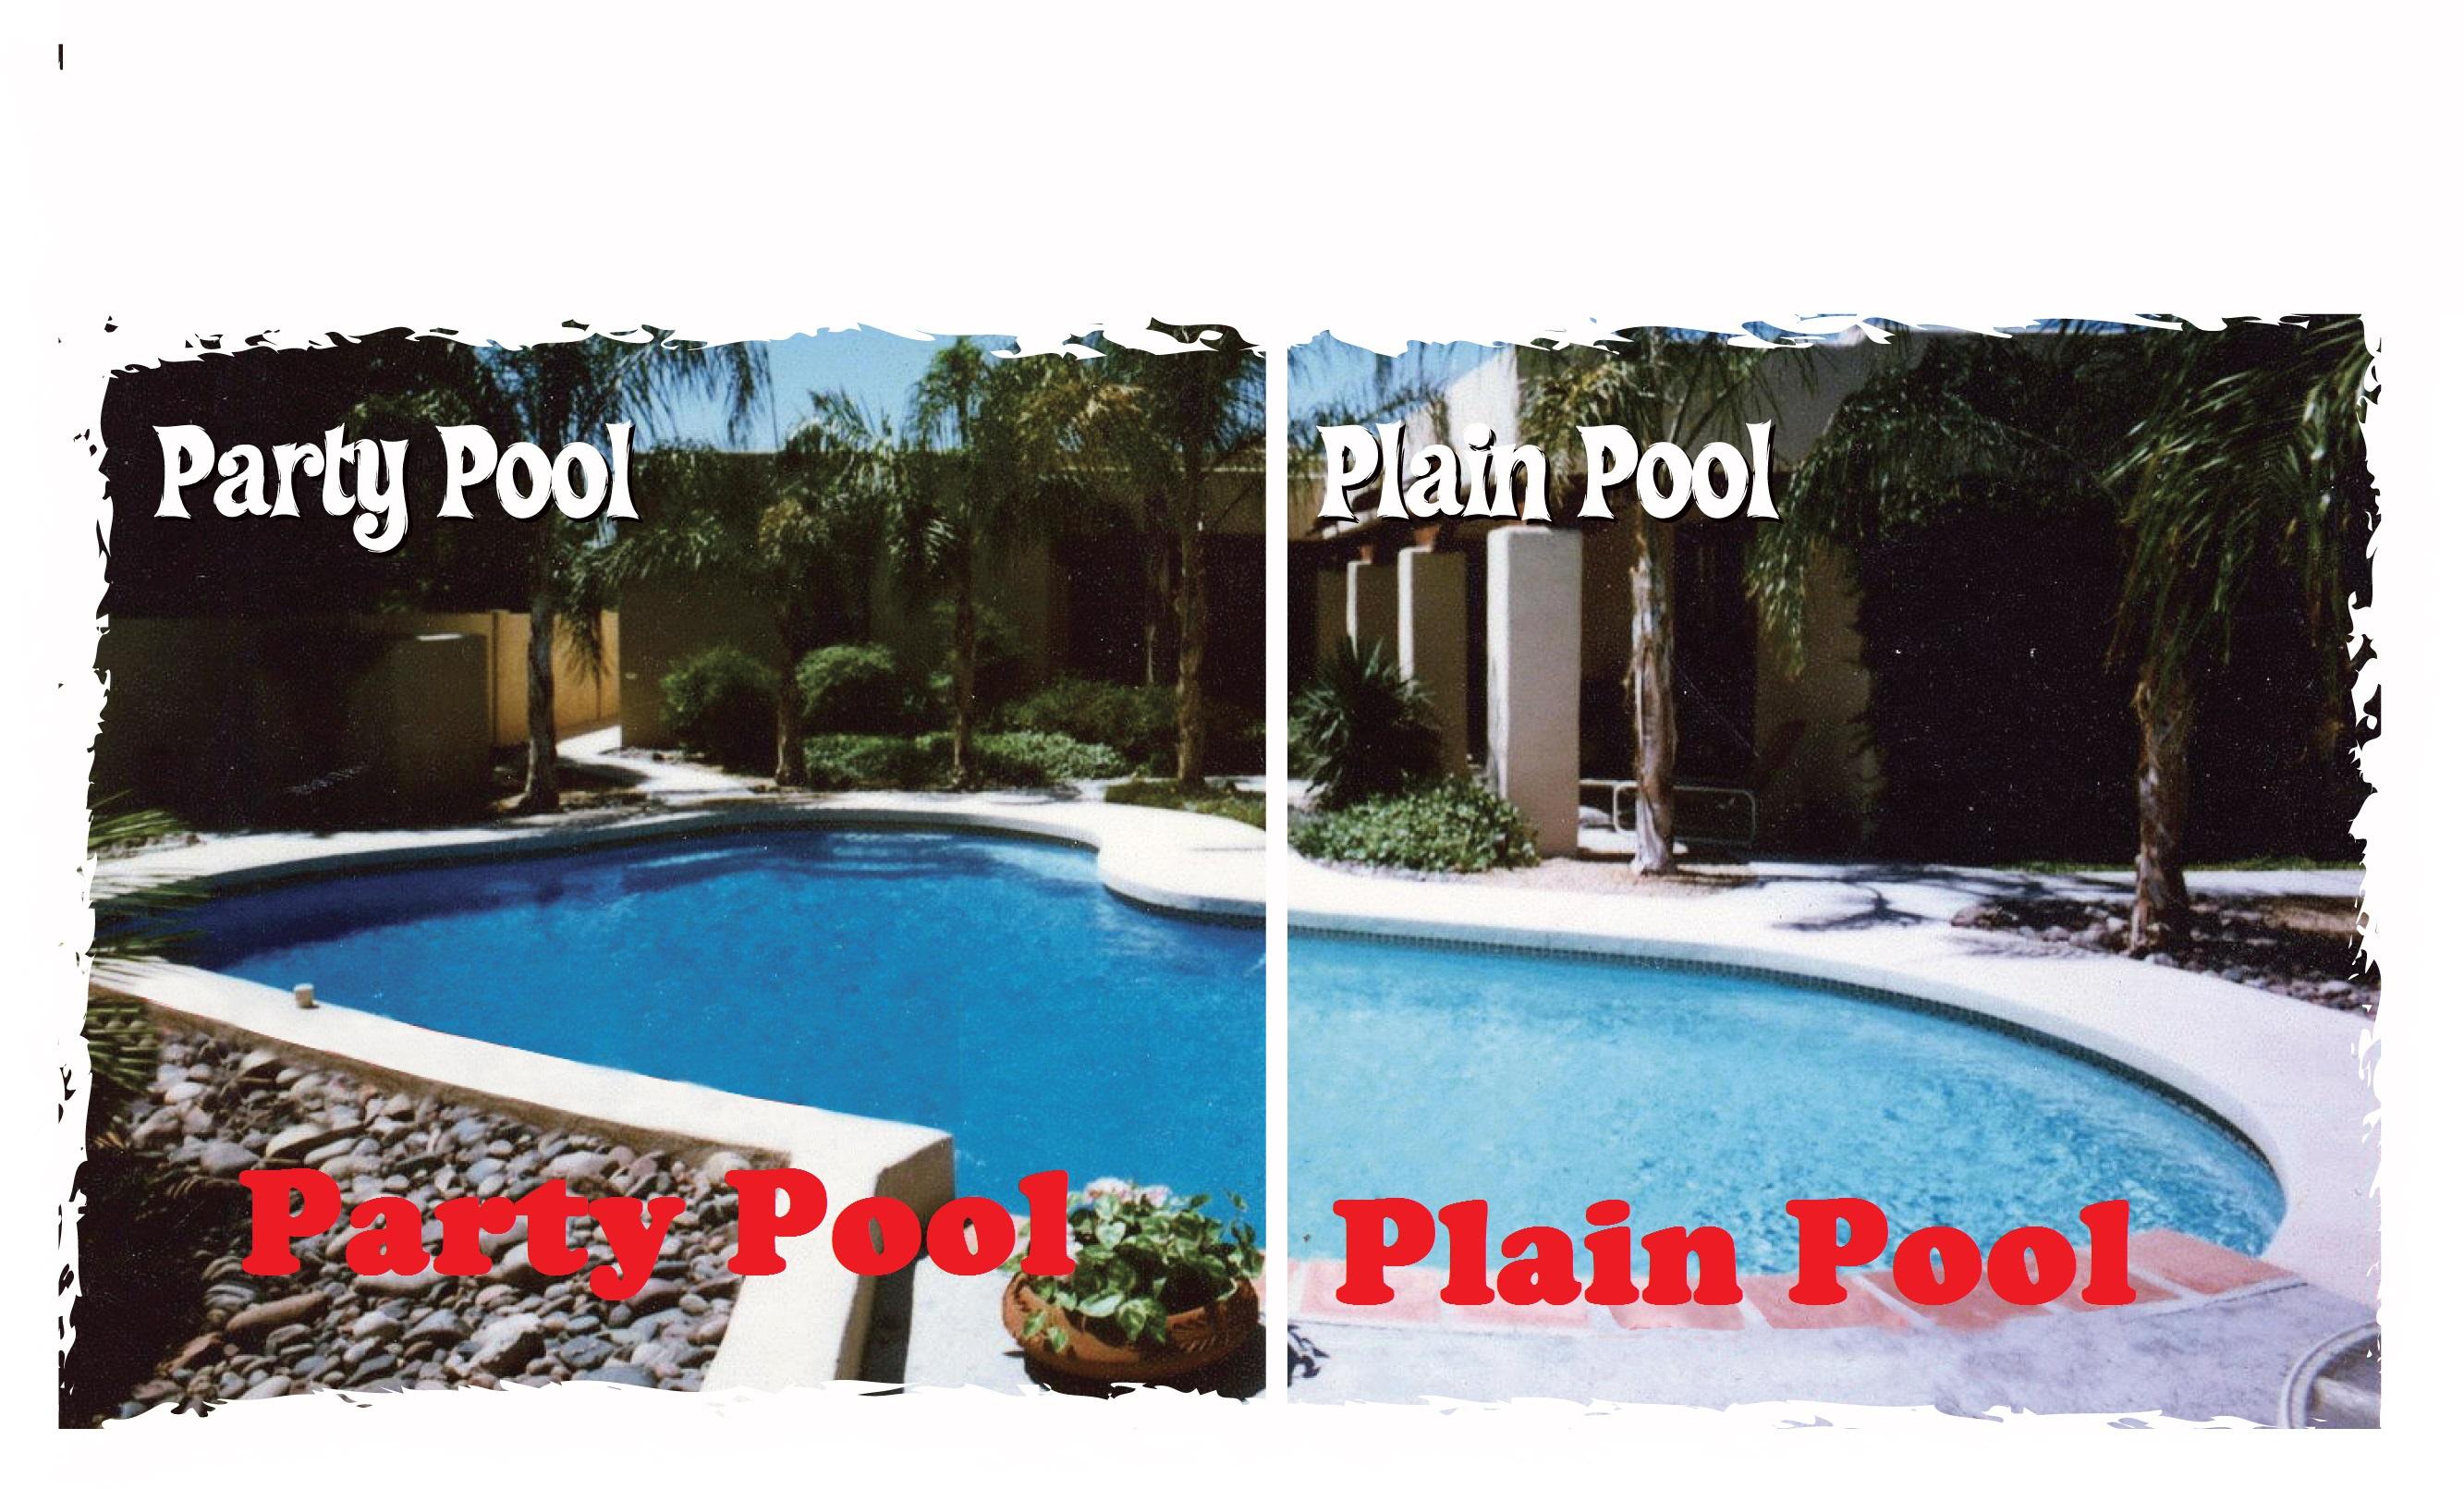 Party Pool vs Plain Pool